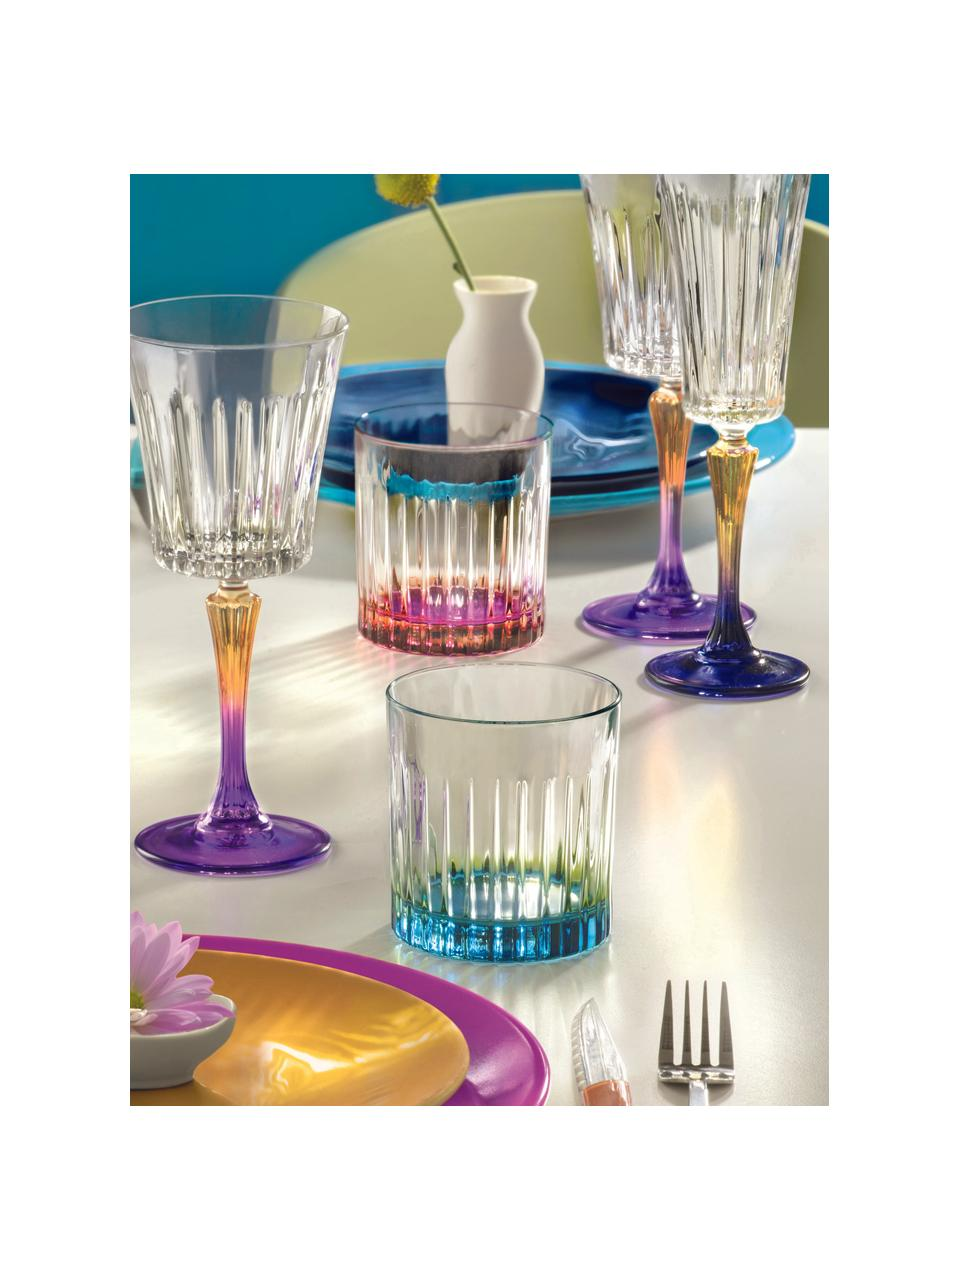 Bicchiere in cristallo Luxion Gipsy 6 pz, Cristallo Luxion, Trasparente, color rame, rosa, Ø 8 x Alt. 9 cm